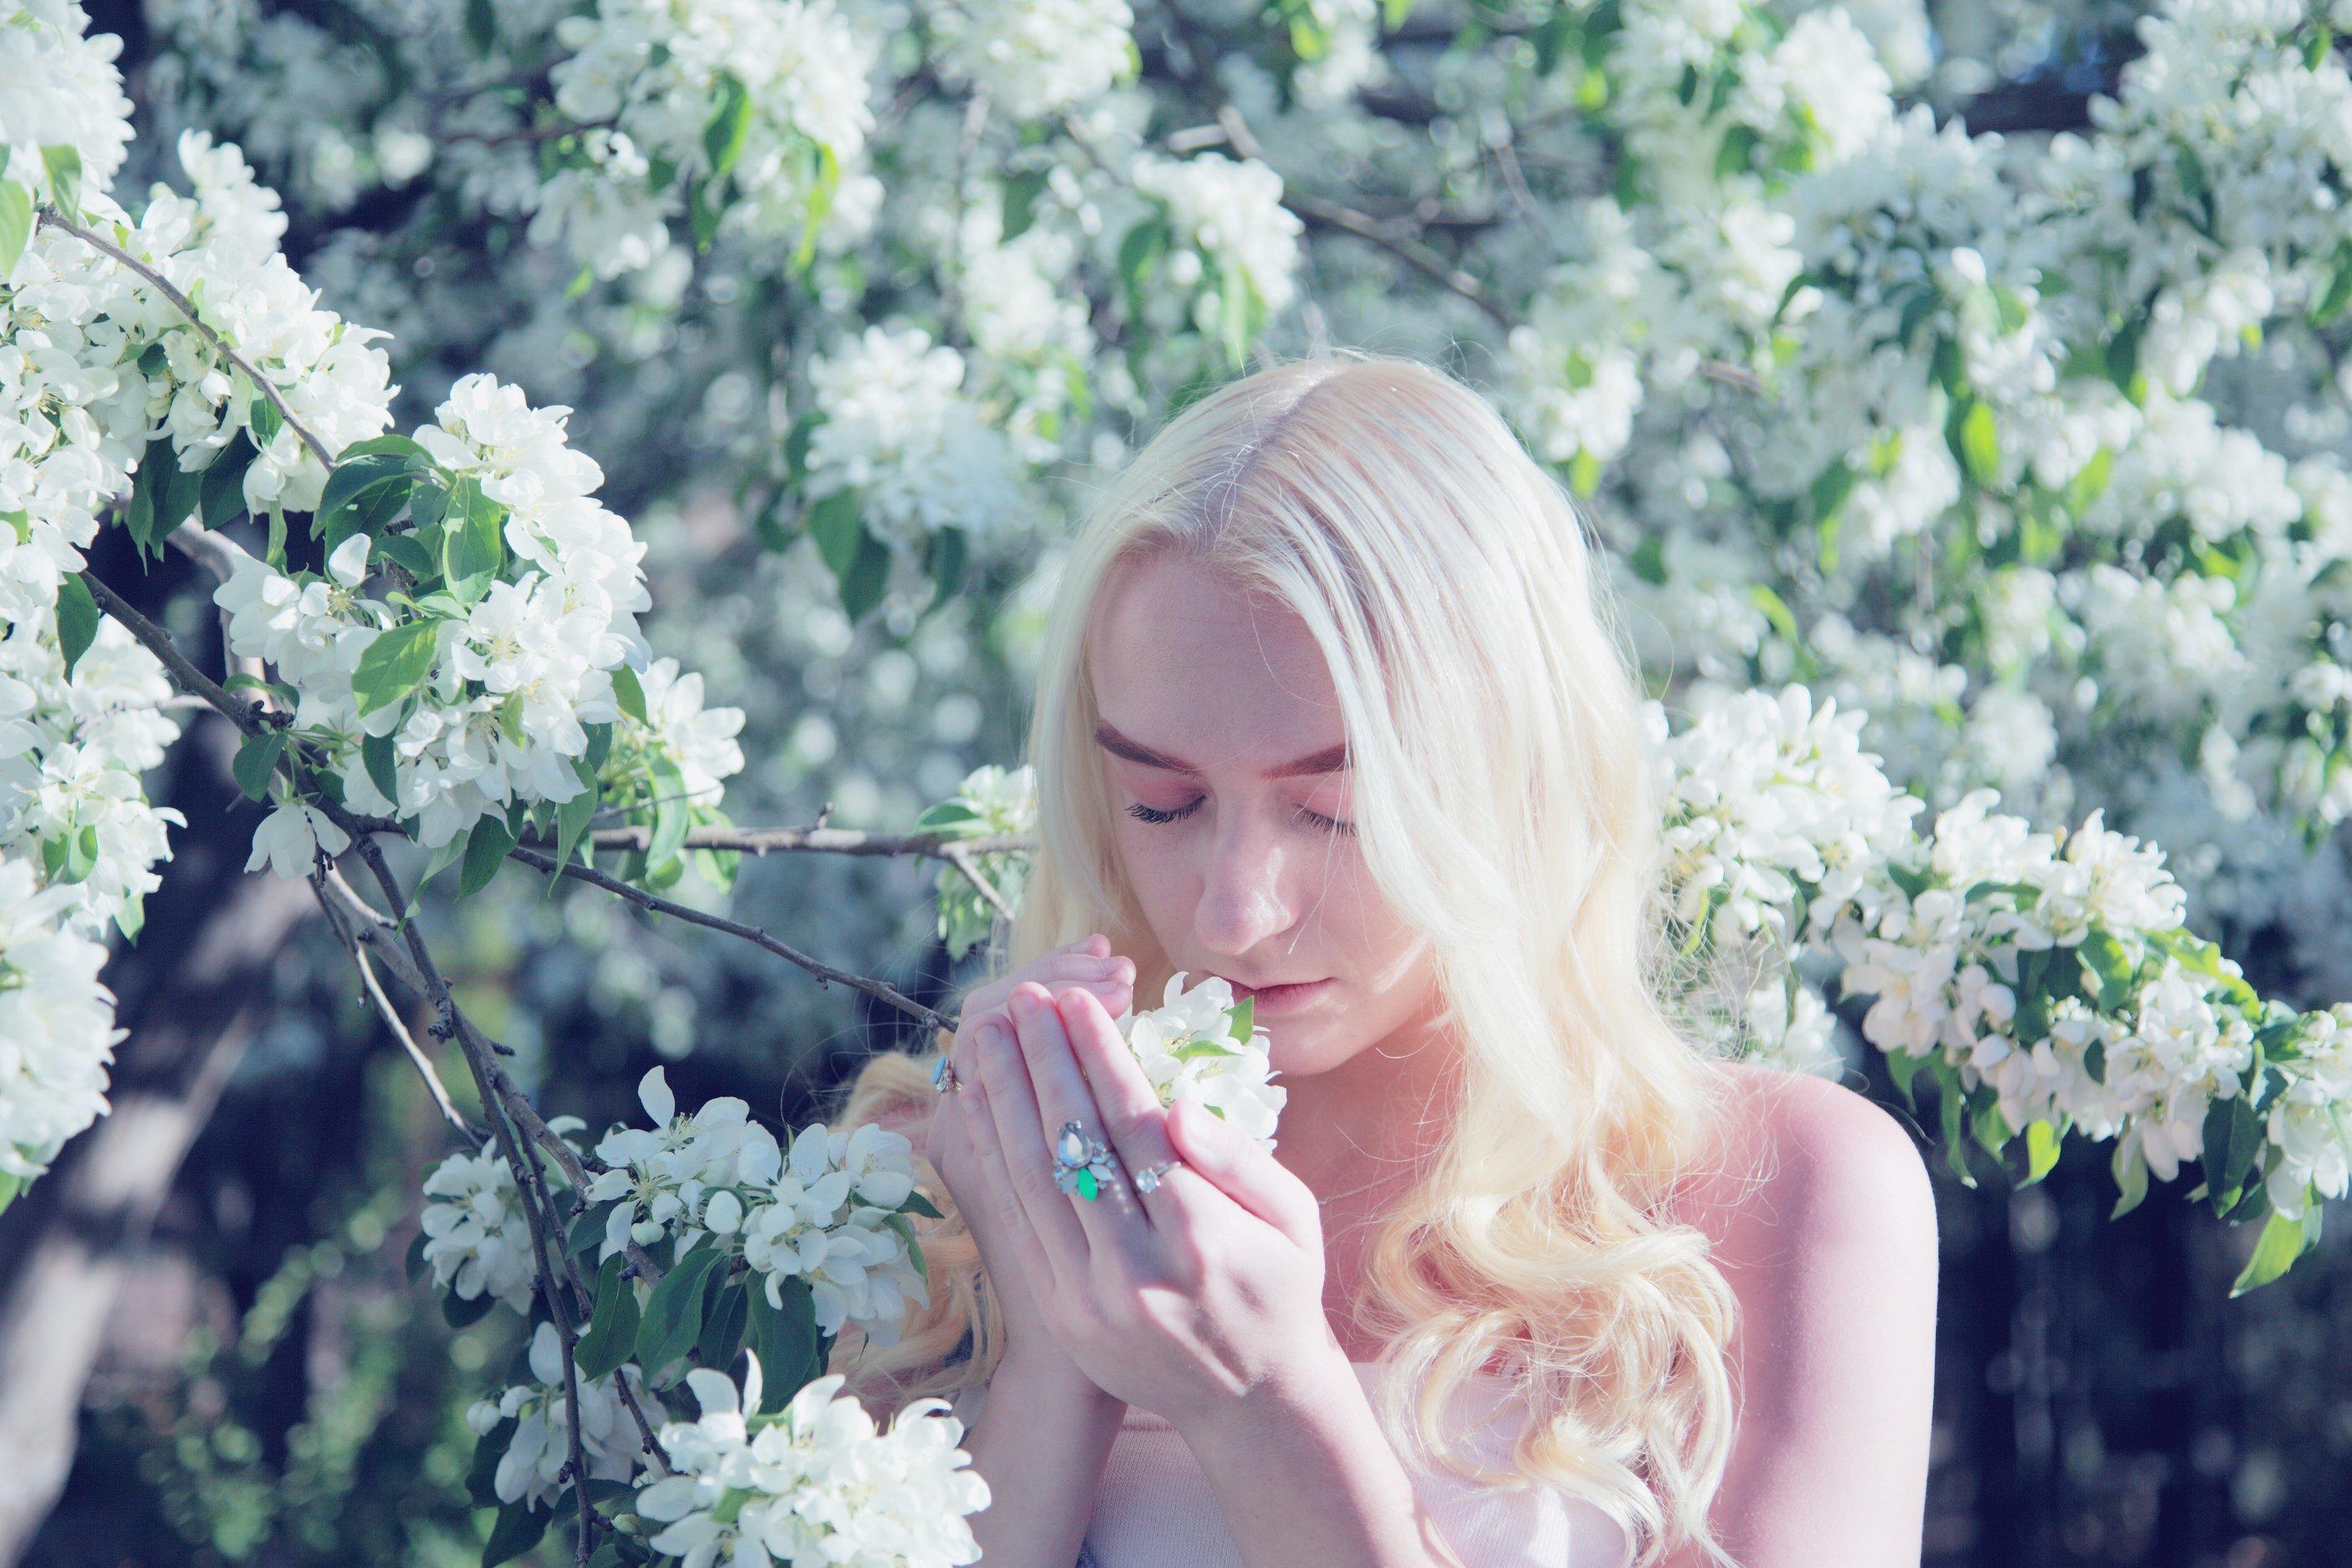 nhãn thông cô gái tóc trắng